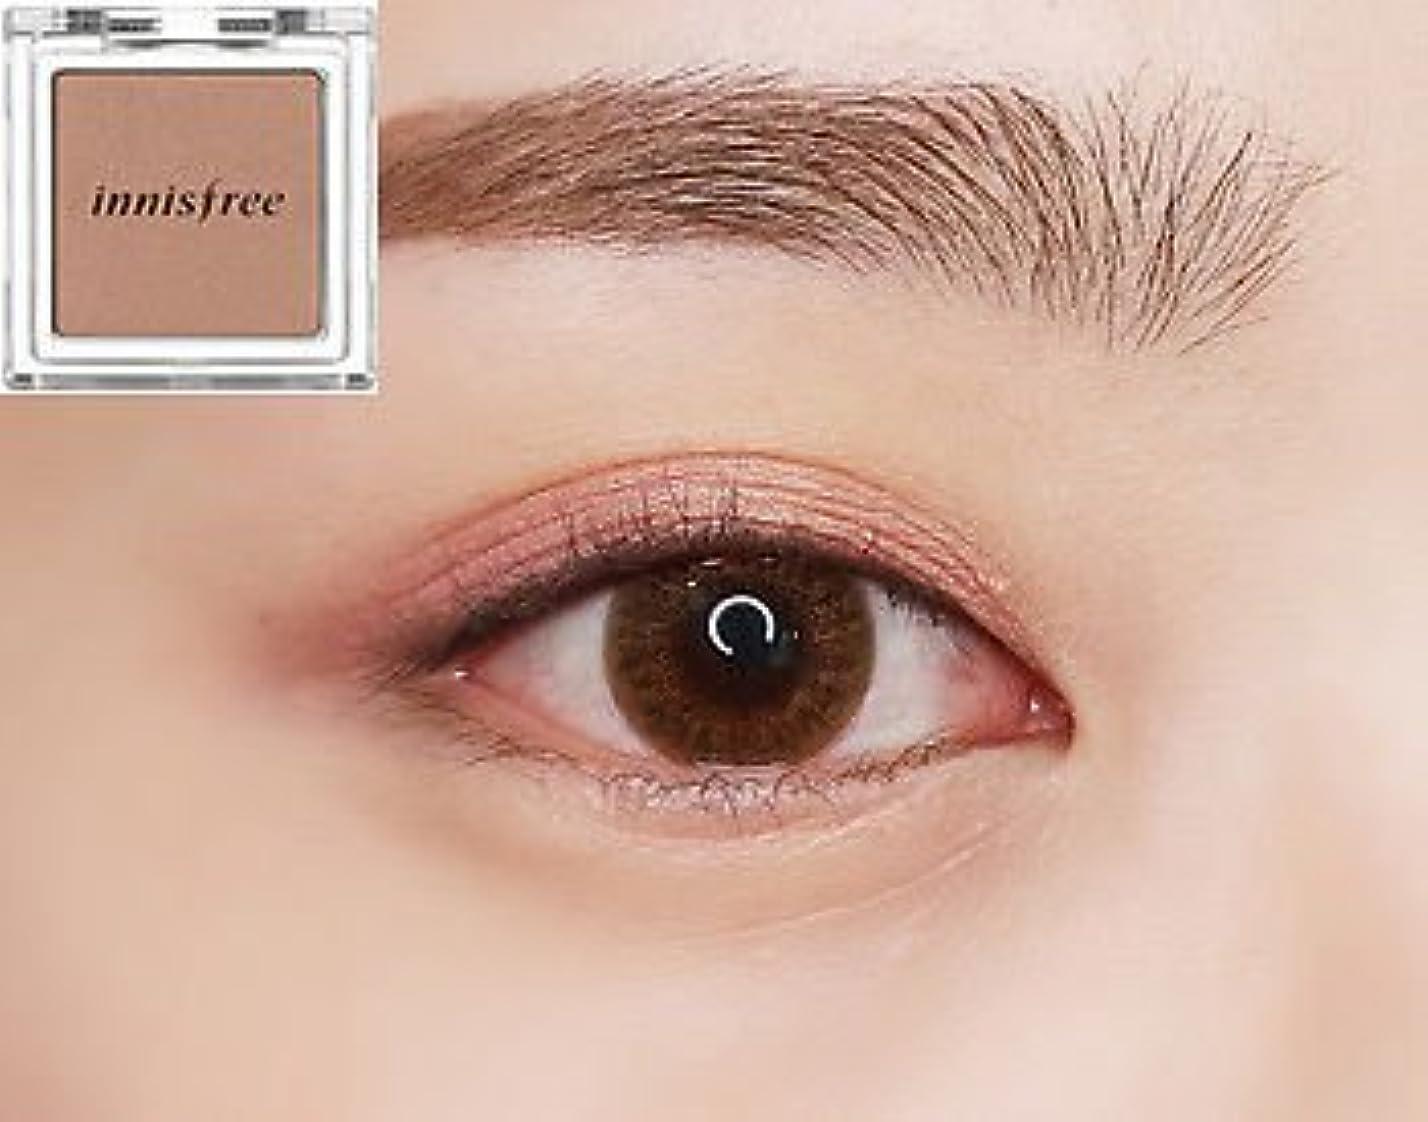 ヒット置くためにパックスペア[イニスフリー] innisfree [マイ パレット マイ アイシャドウ (シマ一) 39カラー] MY PALETTE My Eyeshadow (Shimmer) 39 Shades [海外直送品] (シマ一 #06)